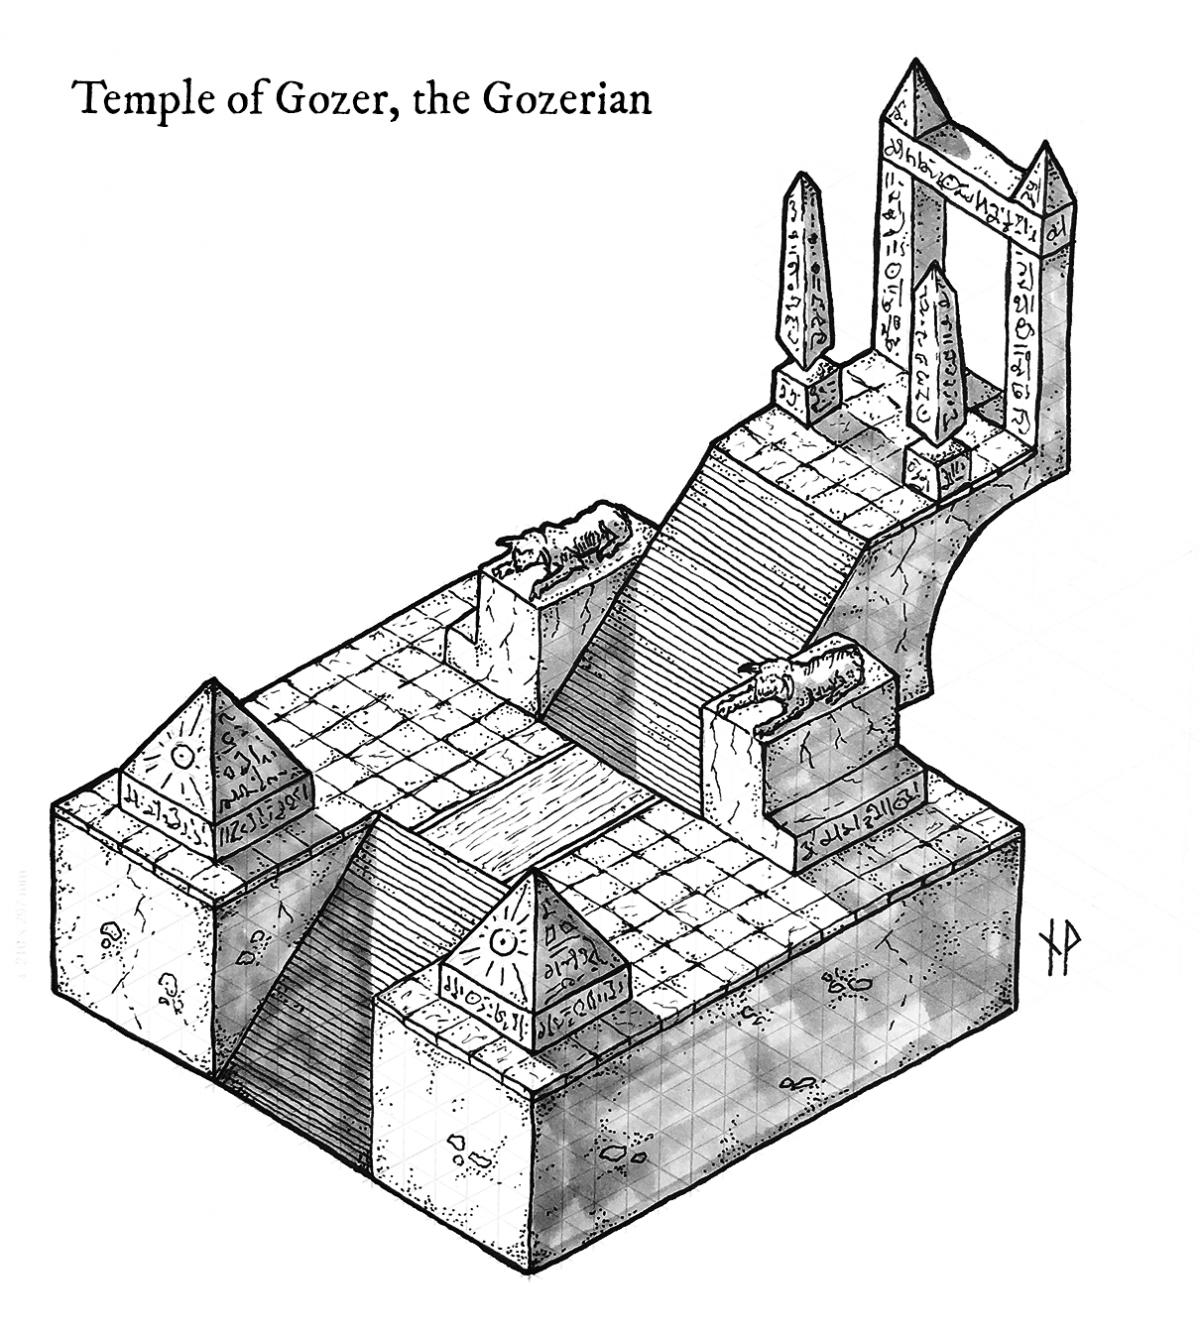 The temple of Gozer, the Gozerian